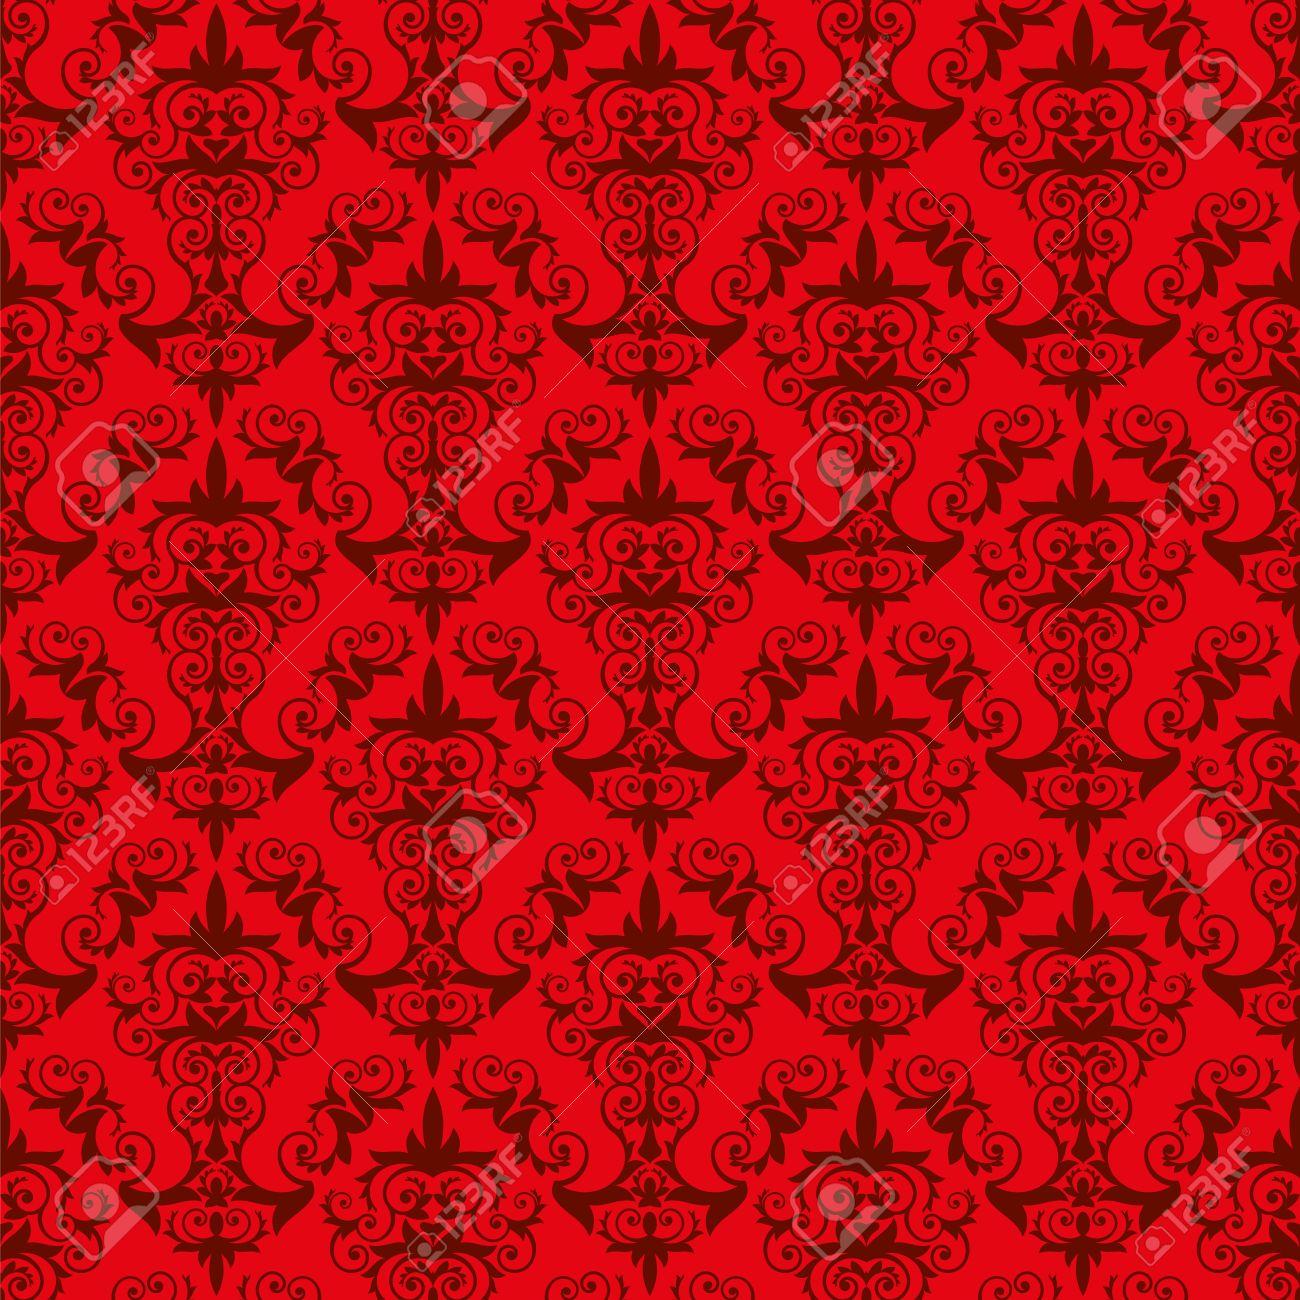 Cool Cool Gallery Of Rote Eine Elegante Tapete Stil Mit Floralen Elementen  Die Fliese With Weie Tapete Mit Muster With Tapete Muster With Tapeten Mit  Muster